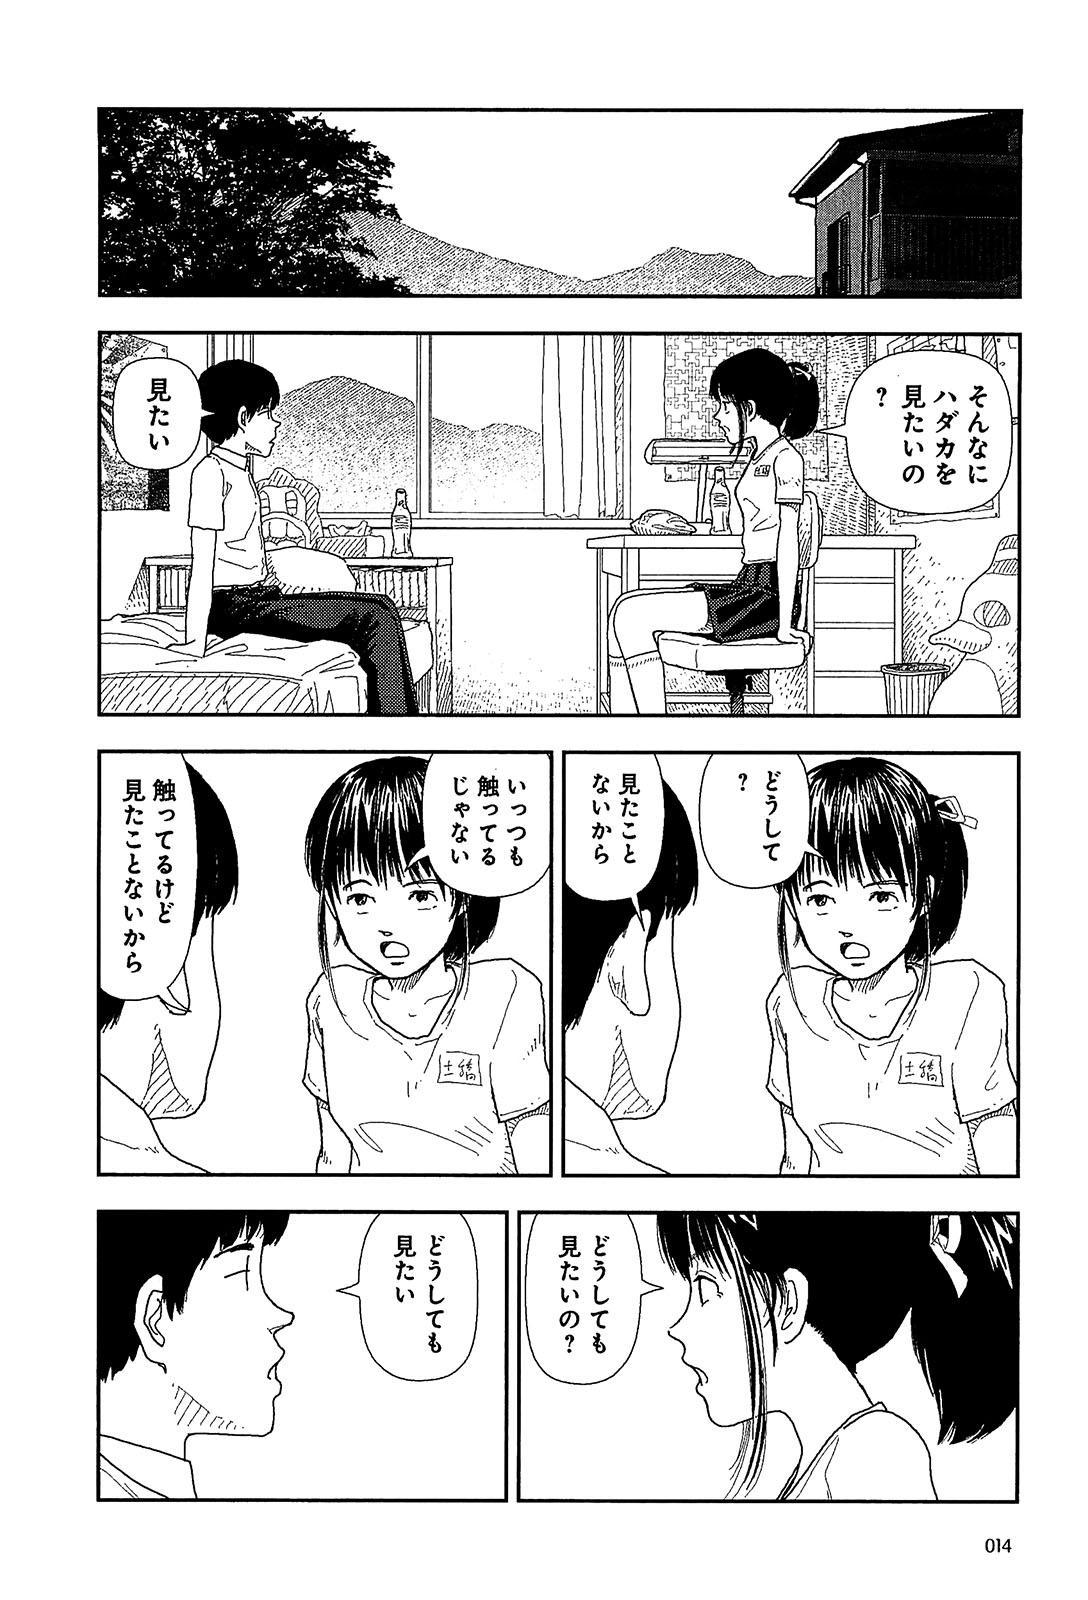 Bunkou no Hitotachi 1 15